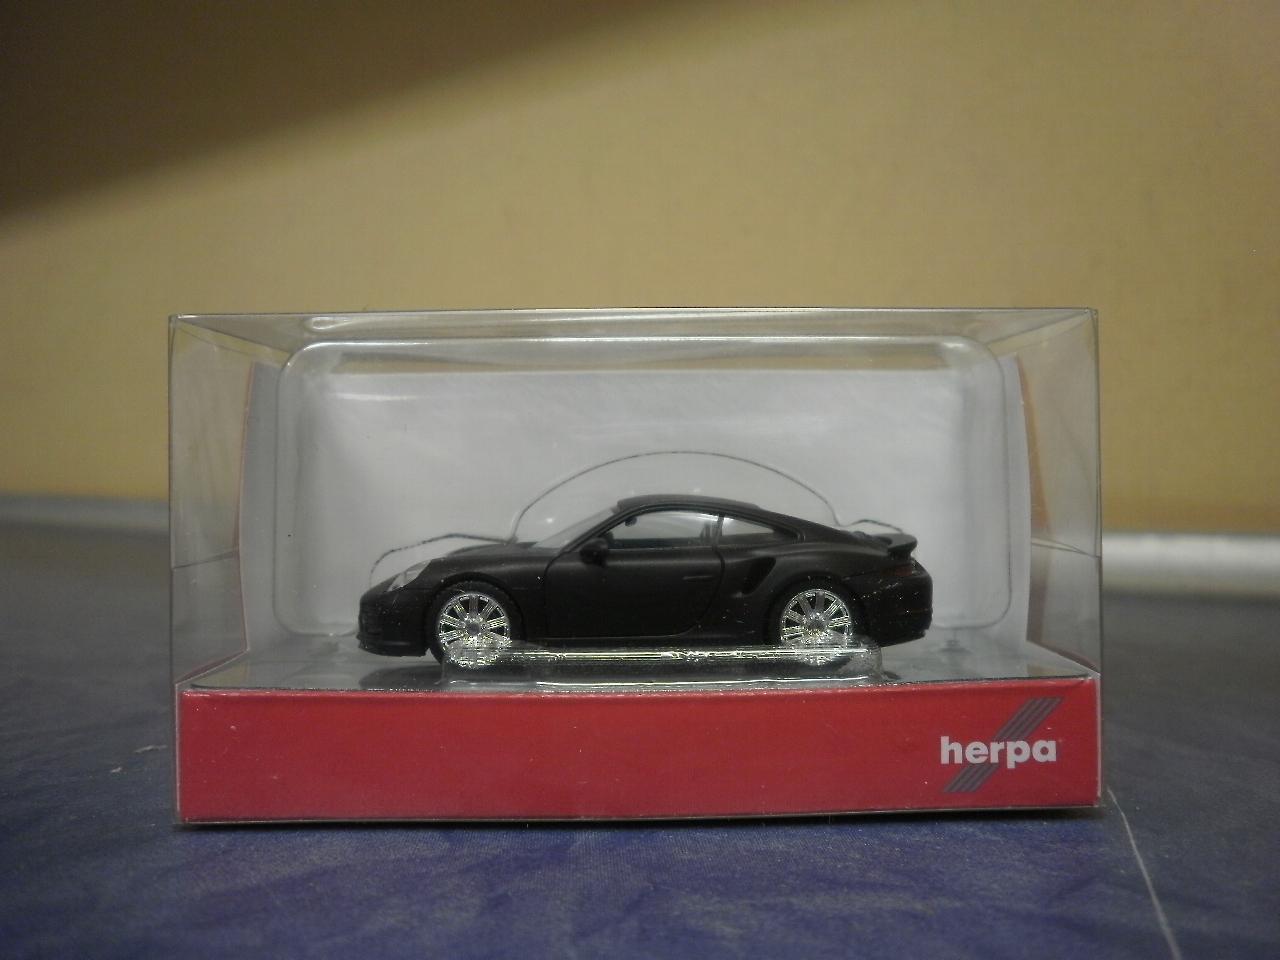 silber metallic 038614 Herpa PKW Porsche 911 Turbo